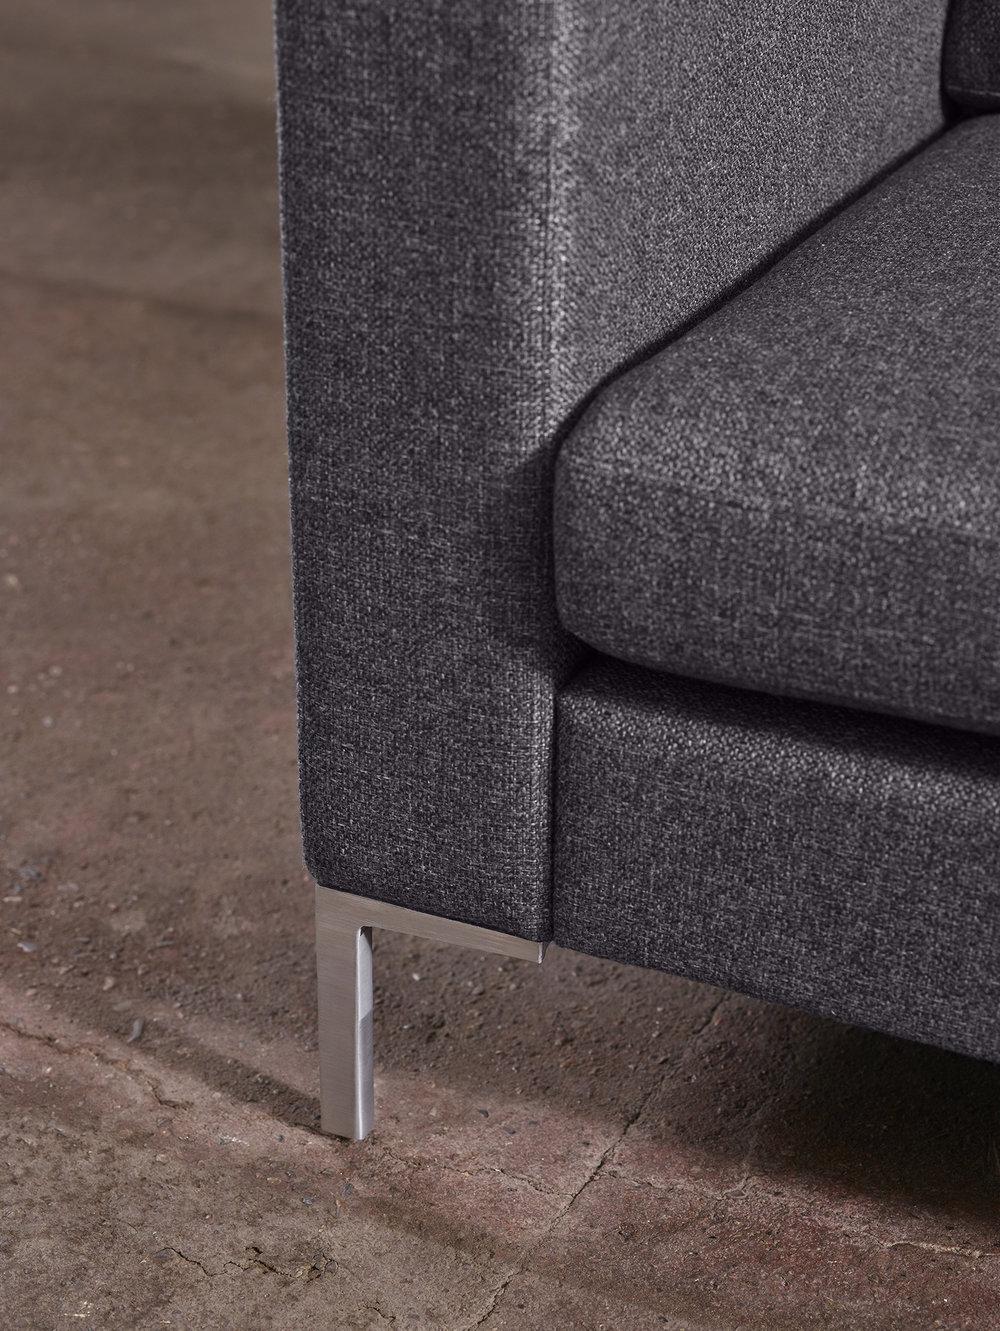 H117 3-seter i Charm denim tekstil og ben i børstet stål.